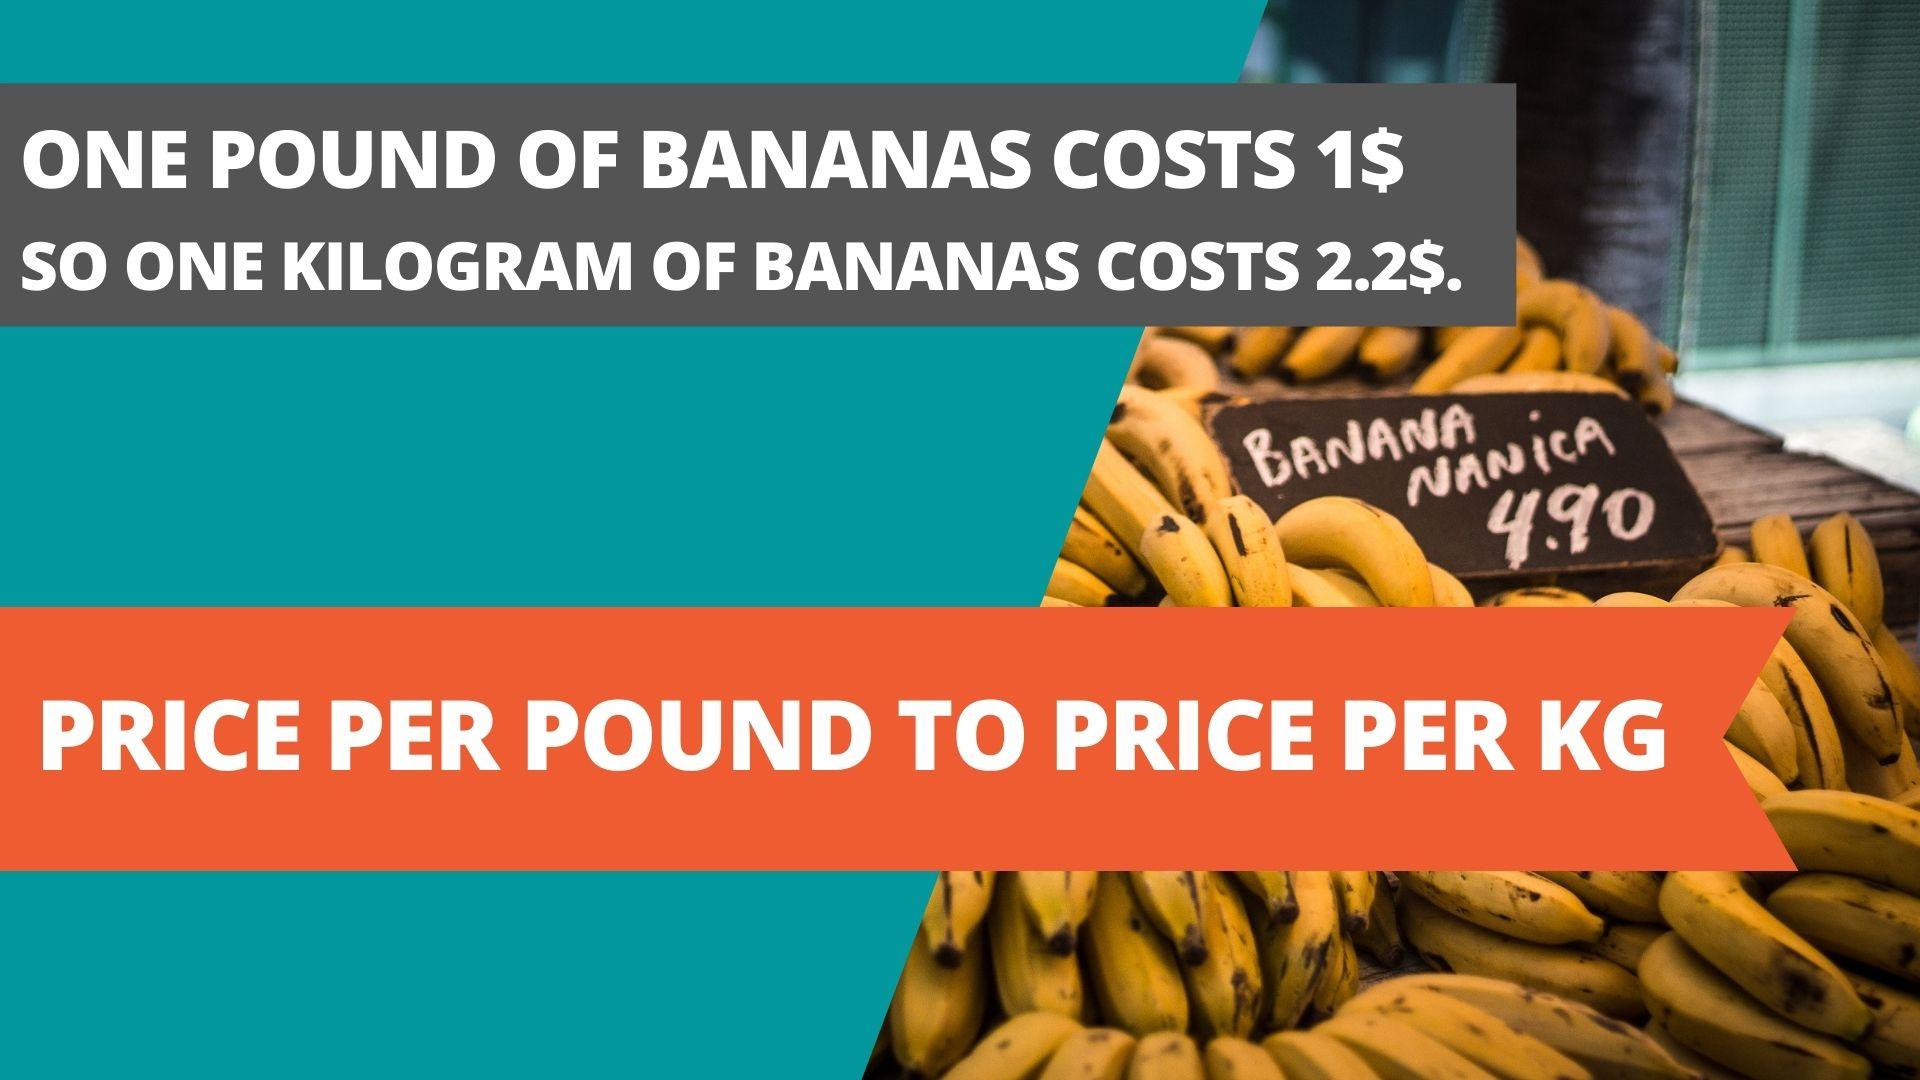 price per pound to price per kg